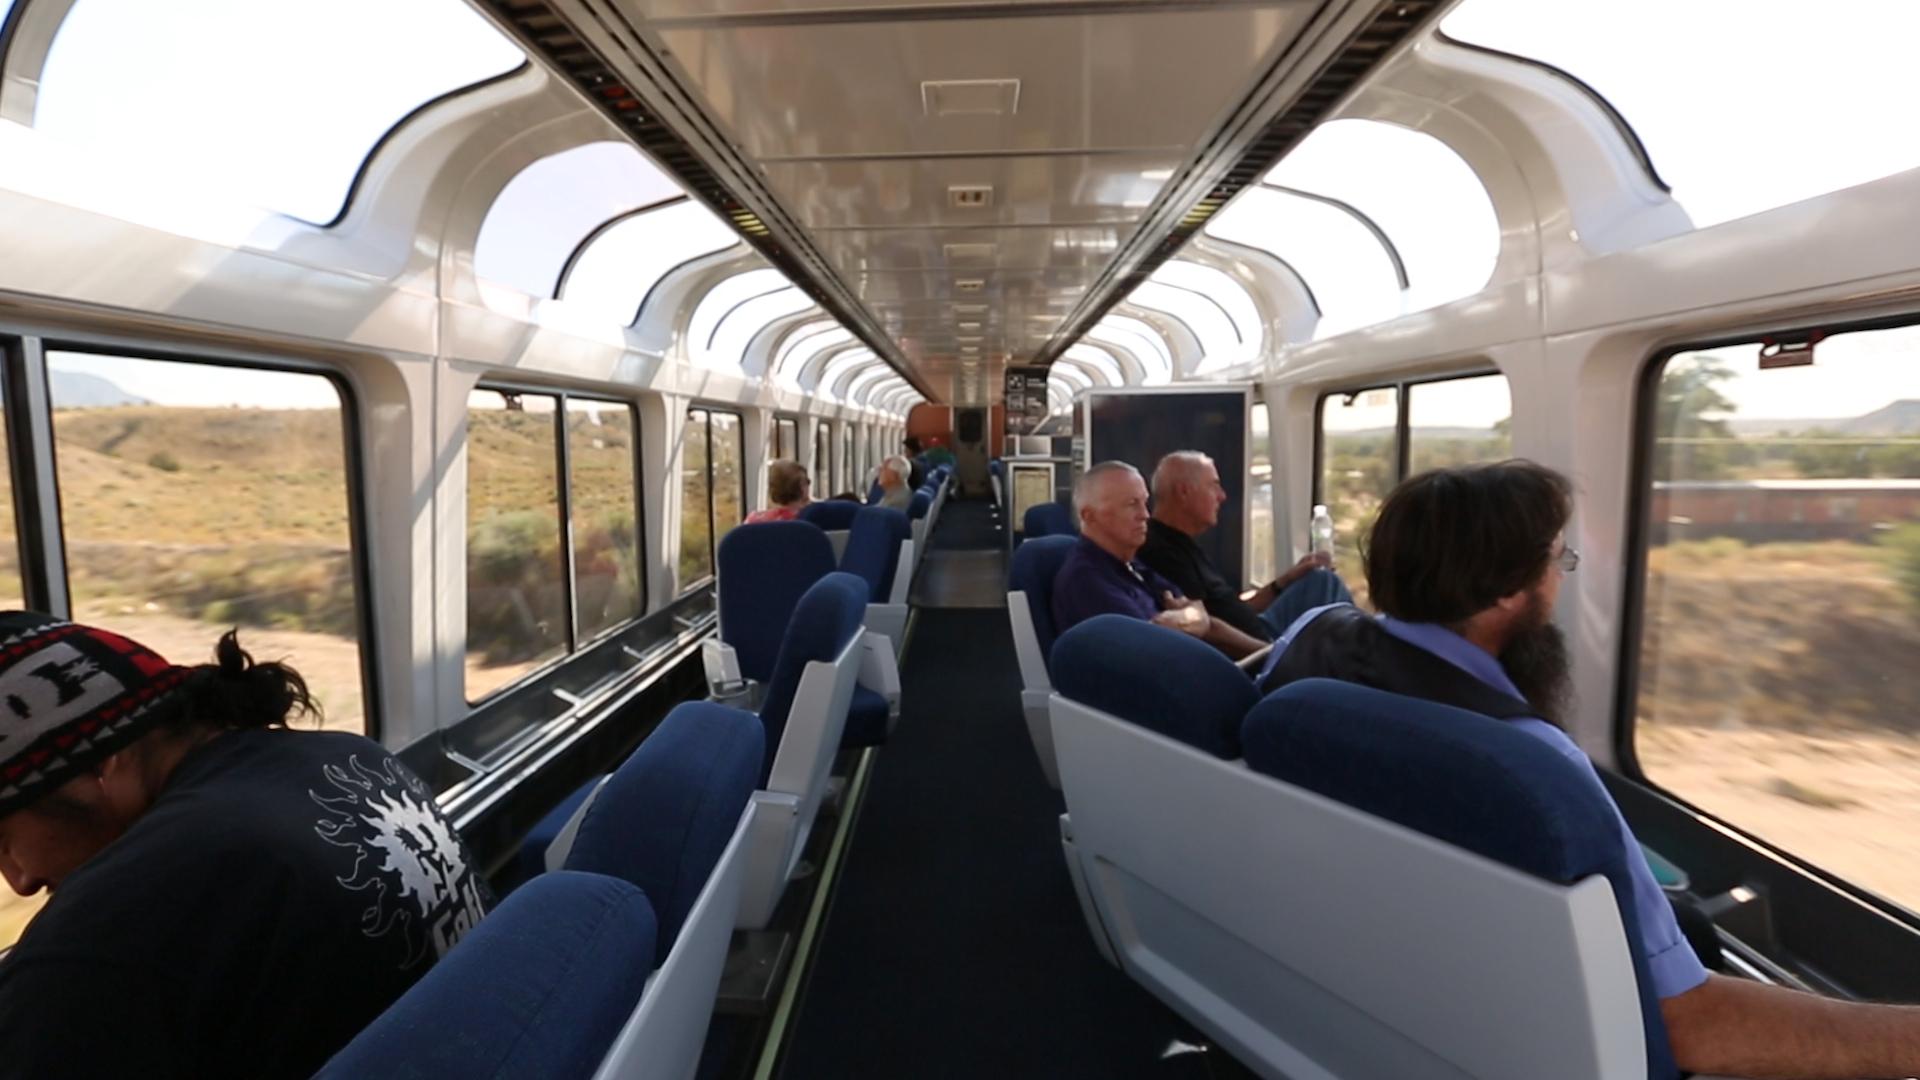 A Trip To The Cnn Debate By Train Cnn Video